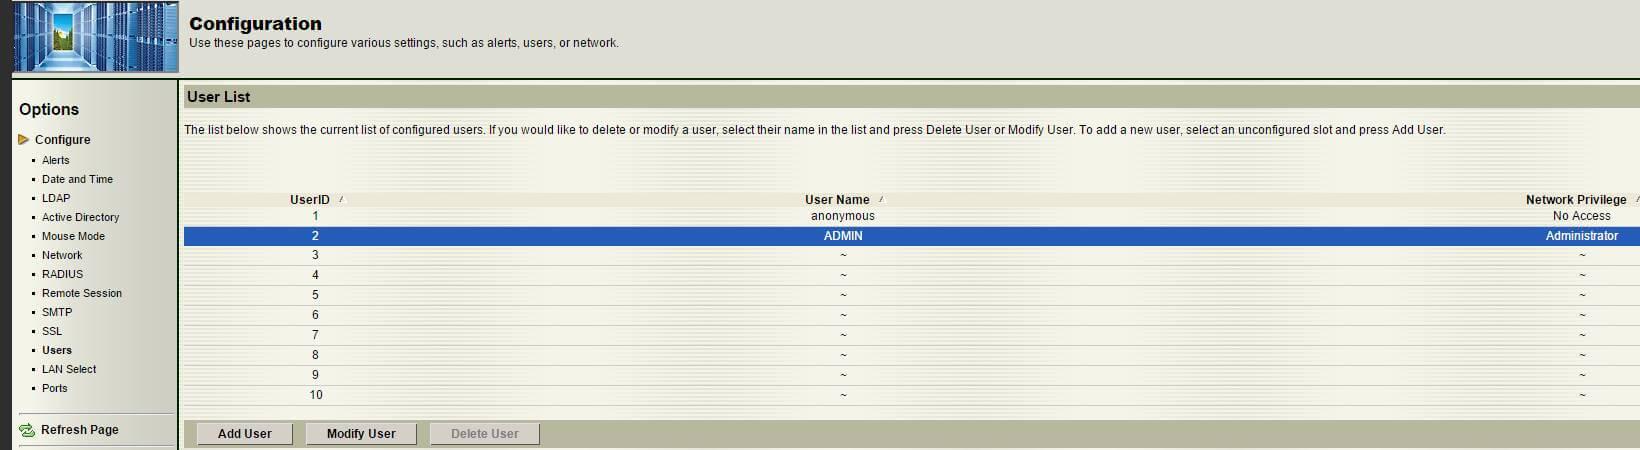 Как изменить пароль учетной записи на Supermicro через web интерфейс-01